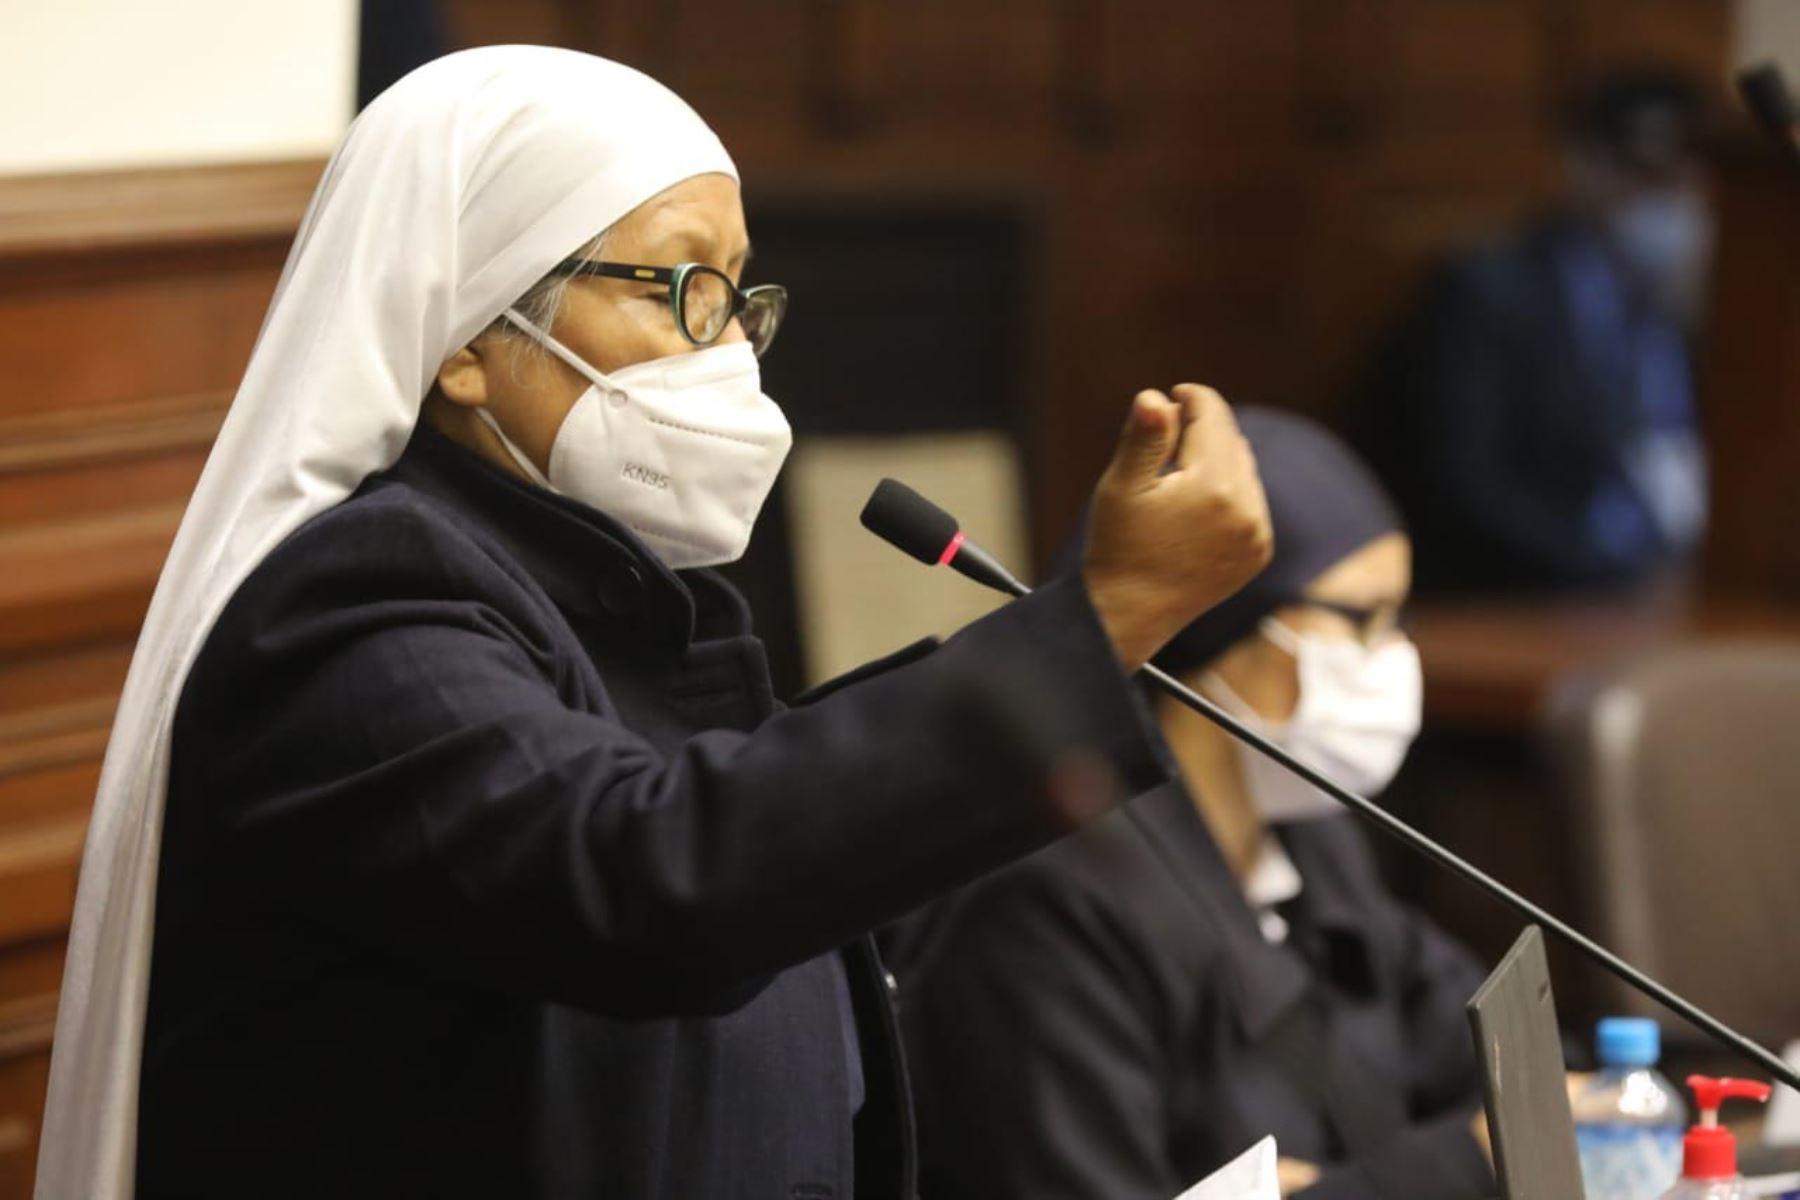 Intervención de la congresista María Céspedes Cárdenas del Frepap en el pleno del congreso. Foto: Cogreso de la República